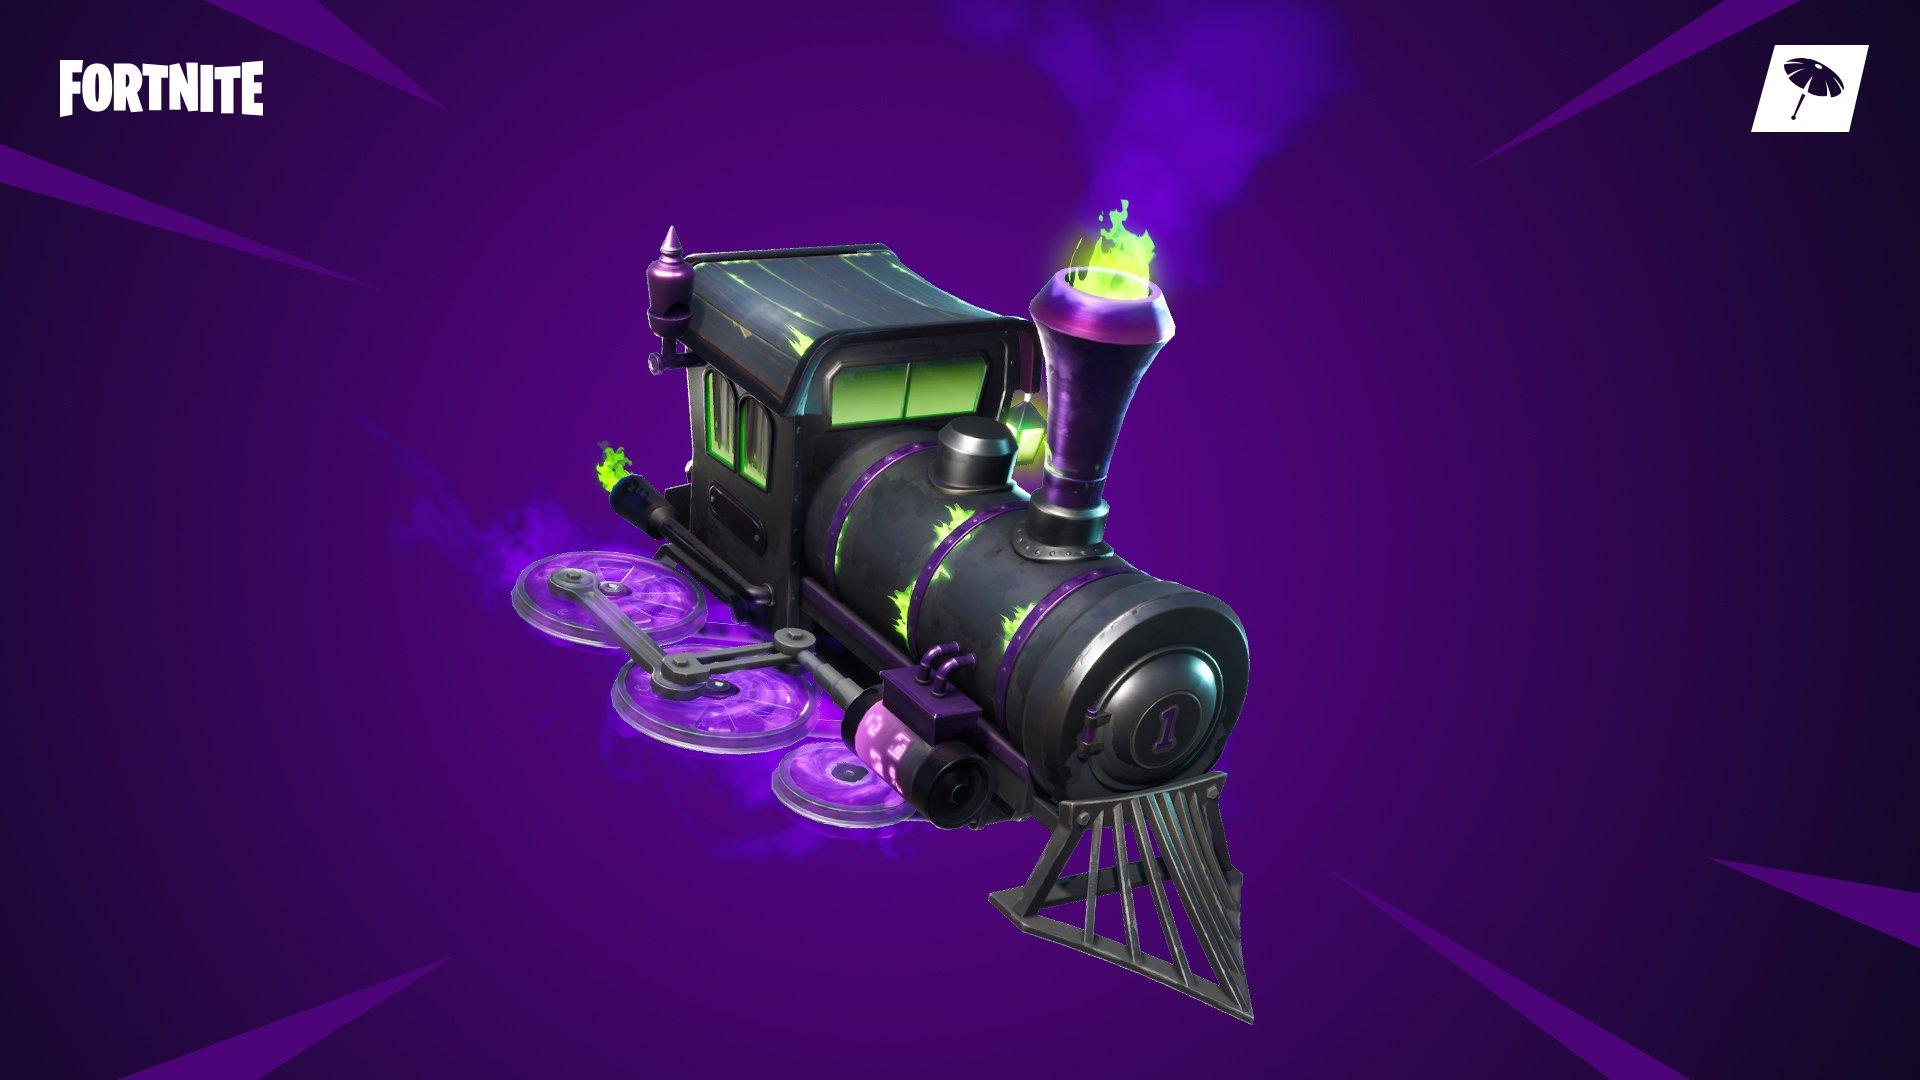 Fortnite Dark Engine Glider | Epic Glider - Fortnite Skins